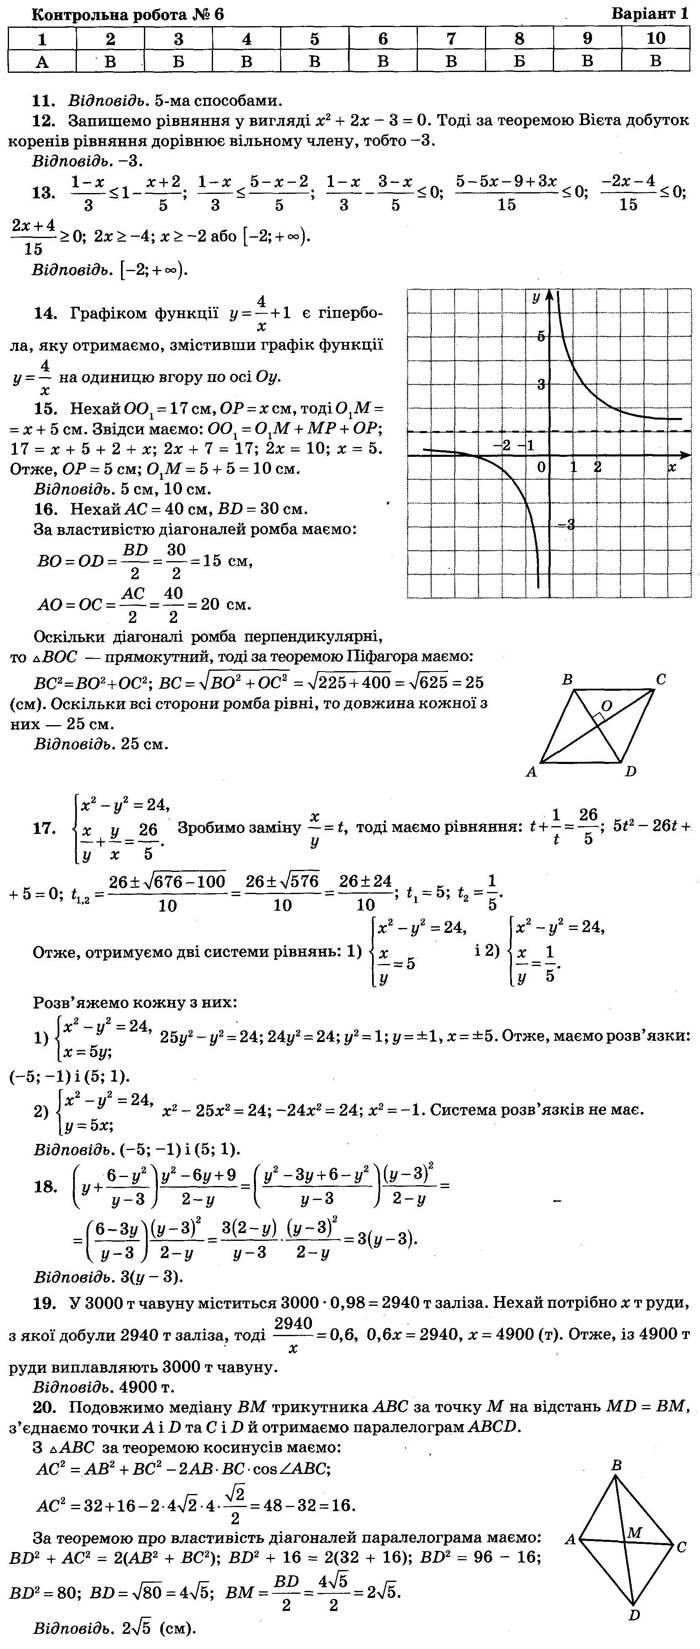 Відповіді до контрольної роботи 6 варіант 1 посібника ДПА-2018 9 клас Математика Бевз Збірник завдань